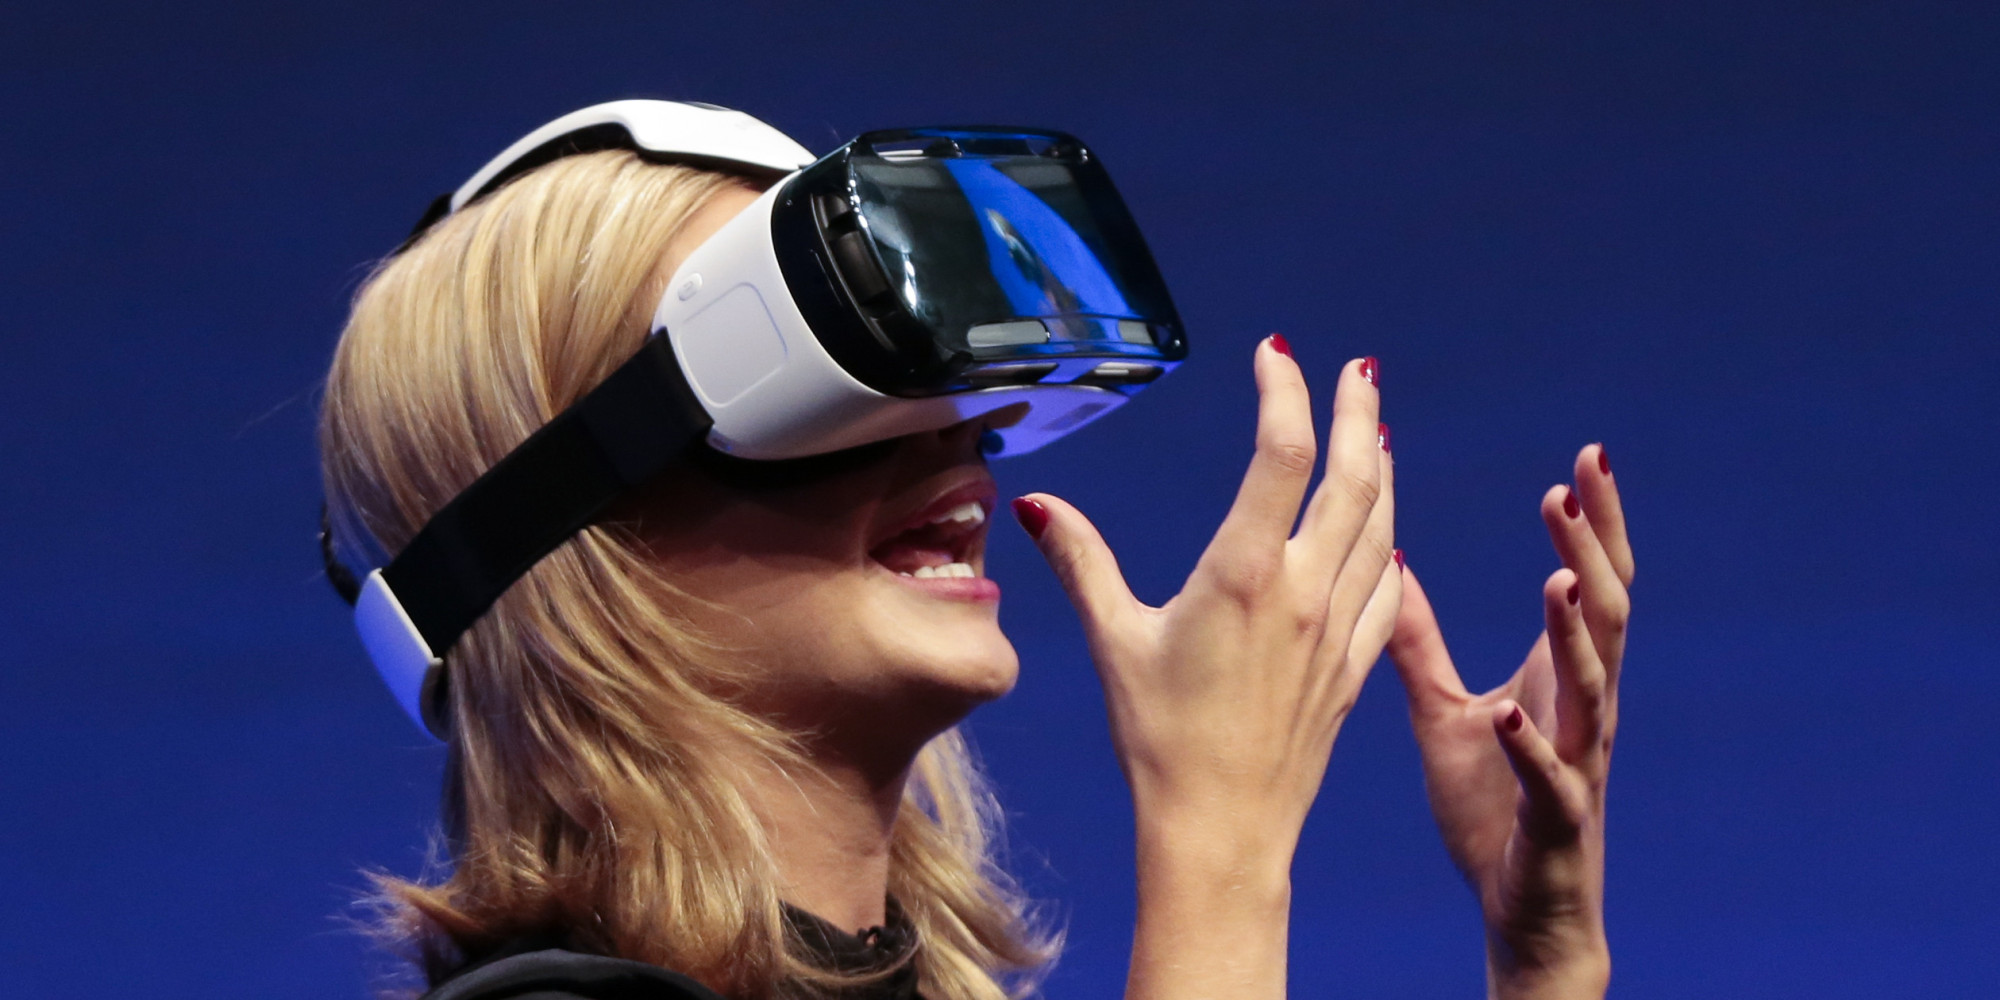 виртуальная реальность.